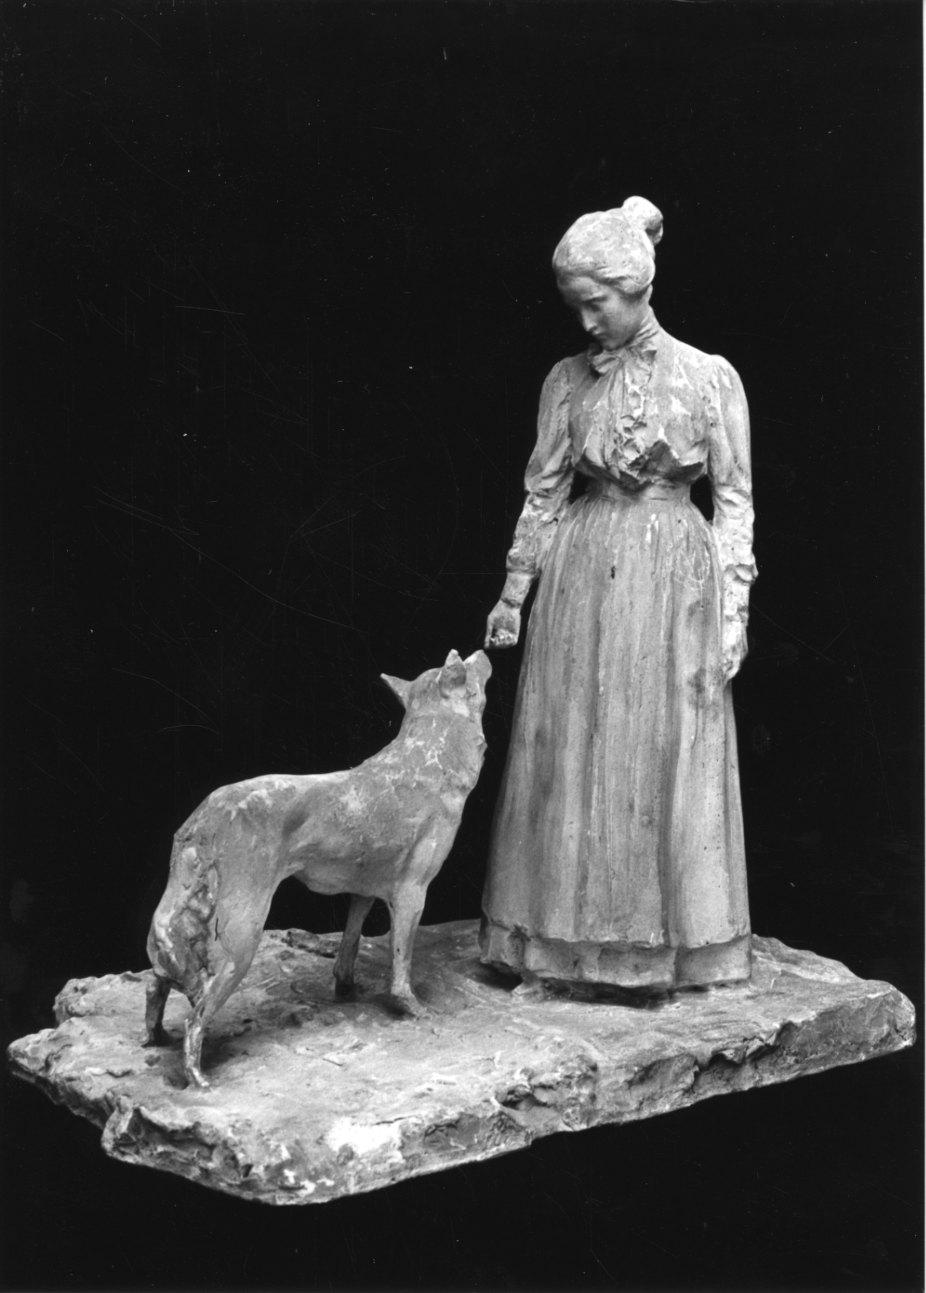 ritratto di Angeline Troubetzkoy (scultura, opera isolata) di Troubetzkoy Paolo (inizio sec. XX)